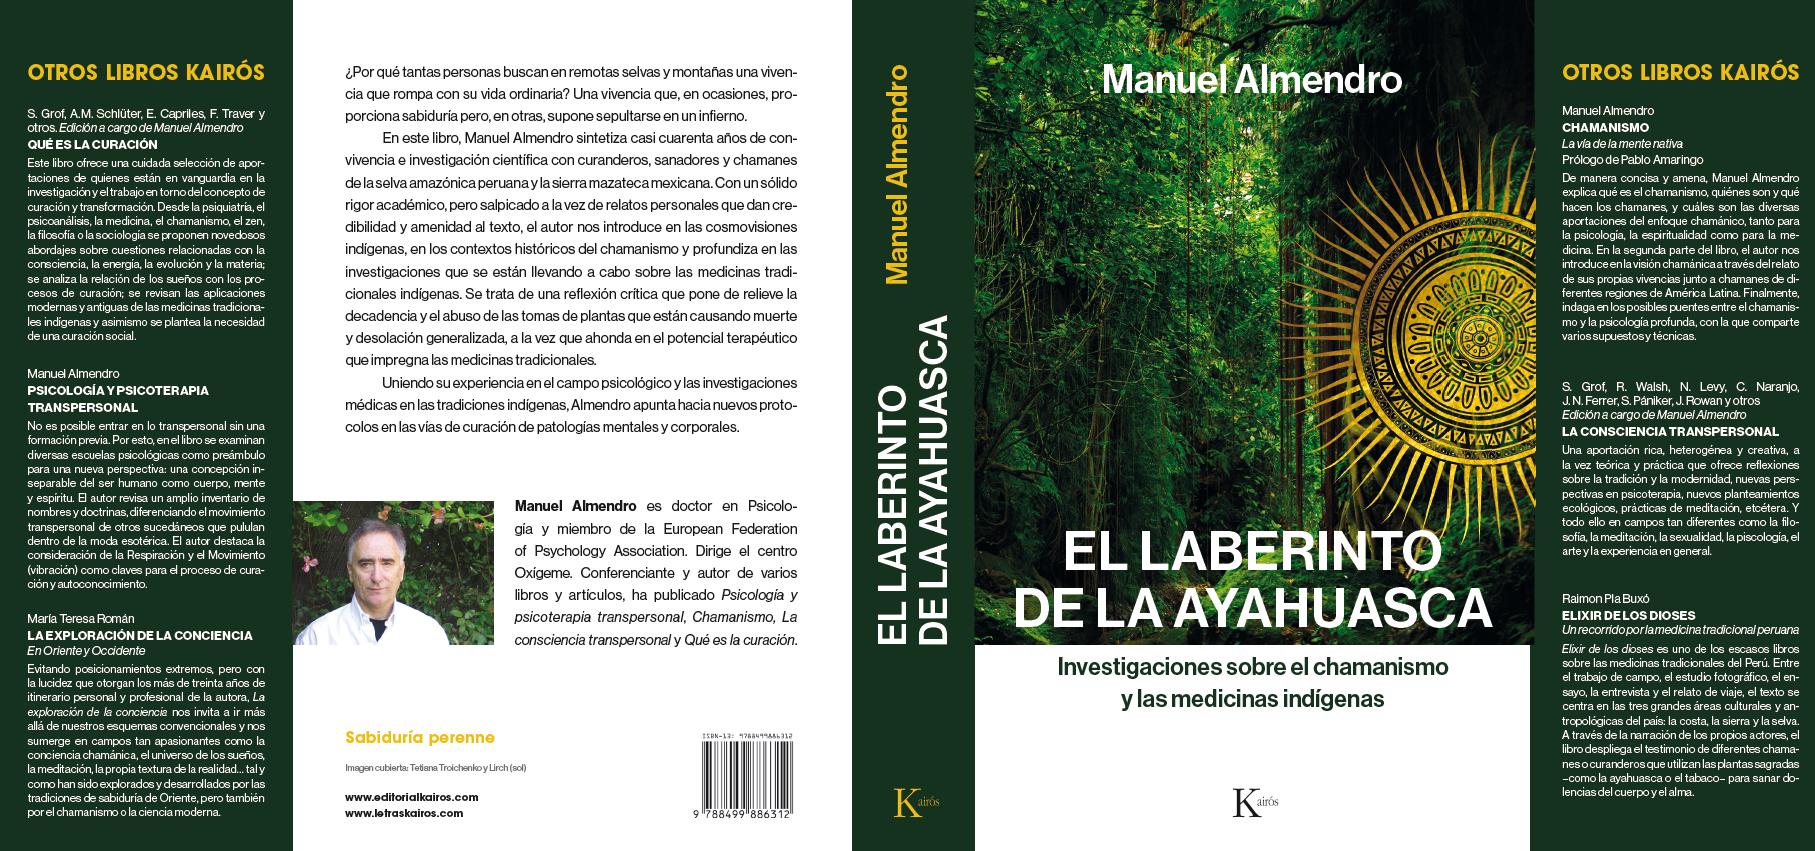 Próxima Publicación Del Libro El Laberinto De La Ayahuasca, De Manuel Almendro